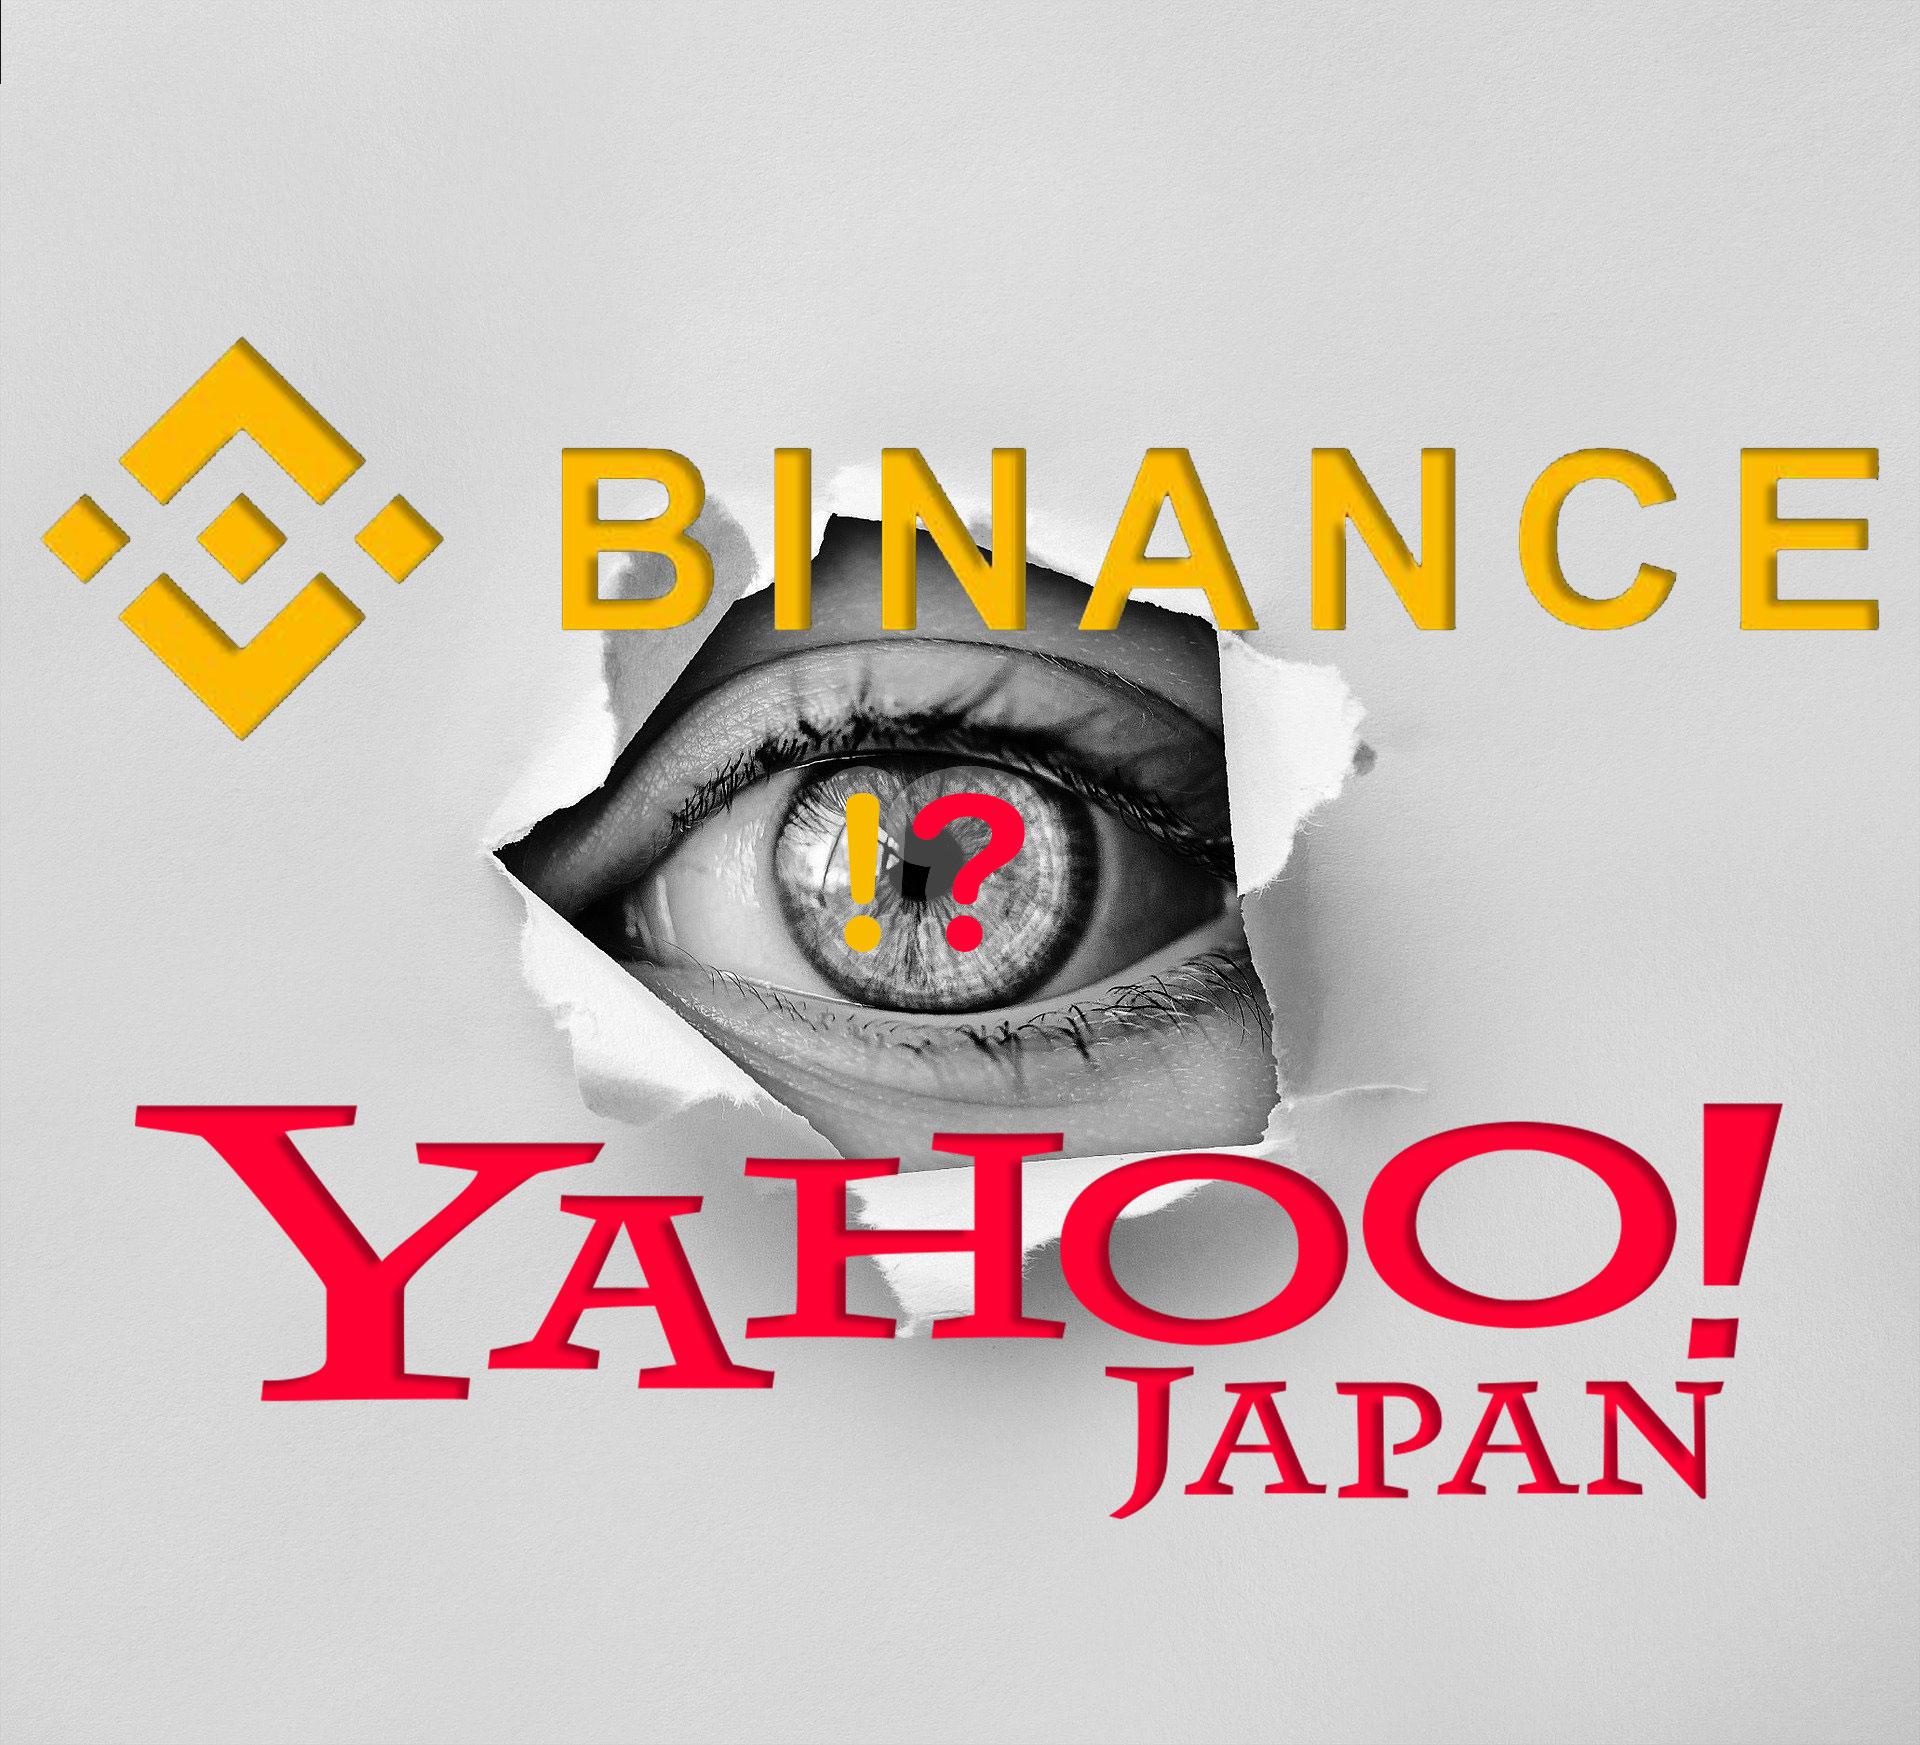 仮想通貨取引所Binance、「ヤフージャパンとの提携」!?日本参入再挑戦か!